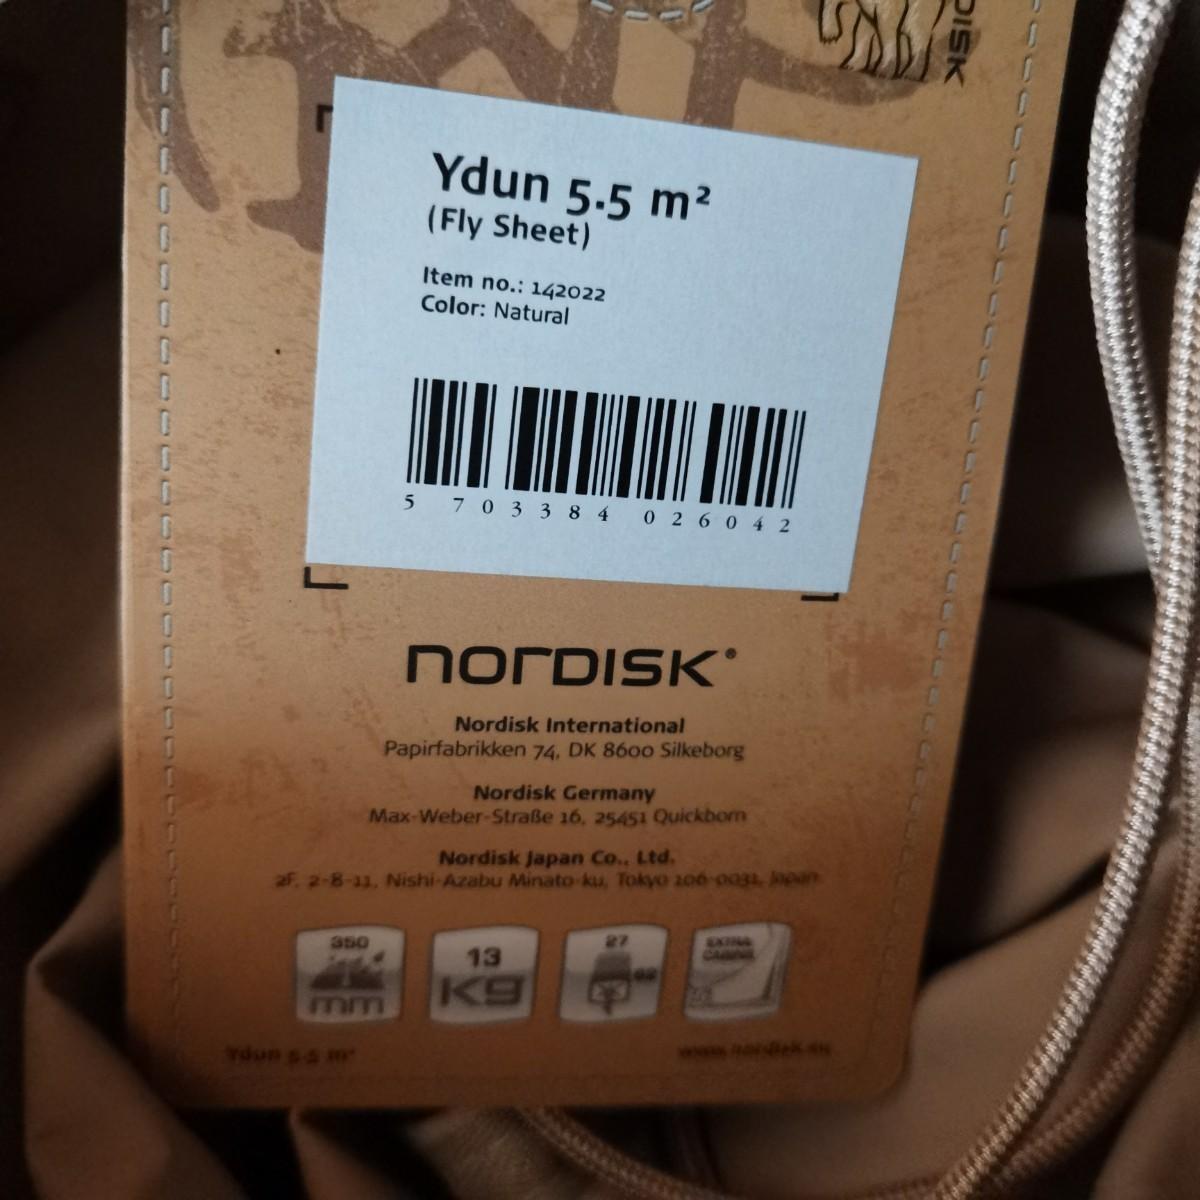 ユドゥン 5.5 Nordisk